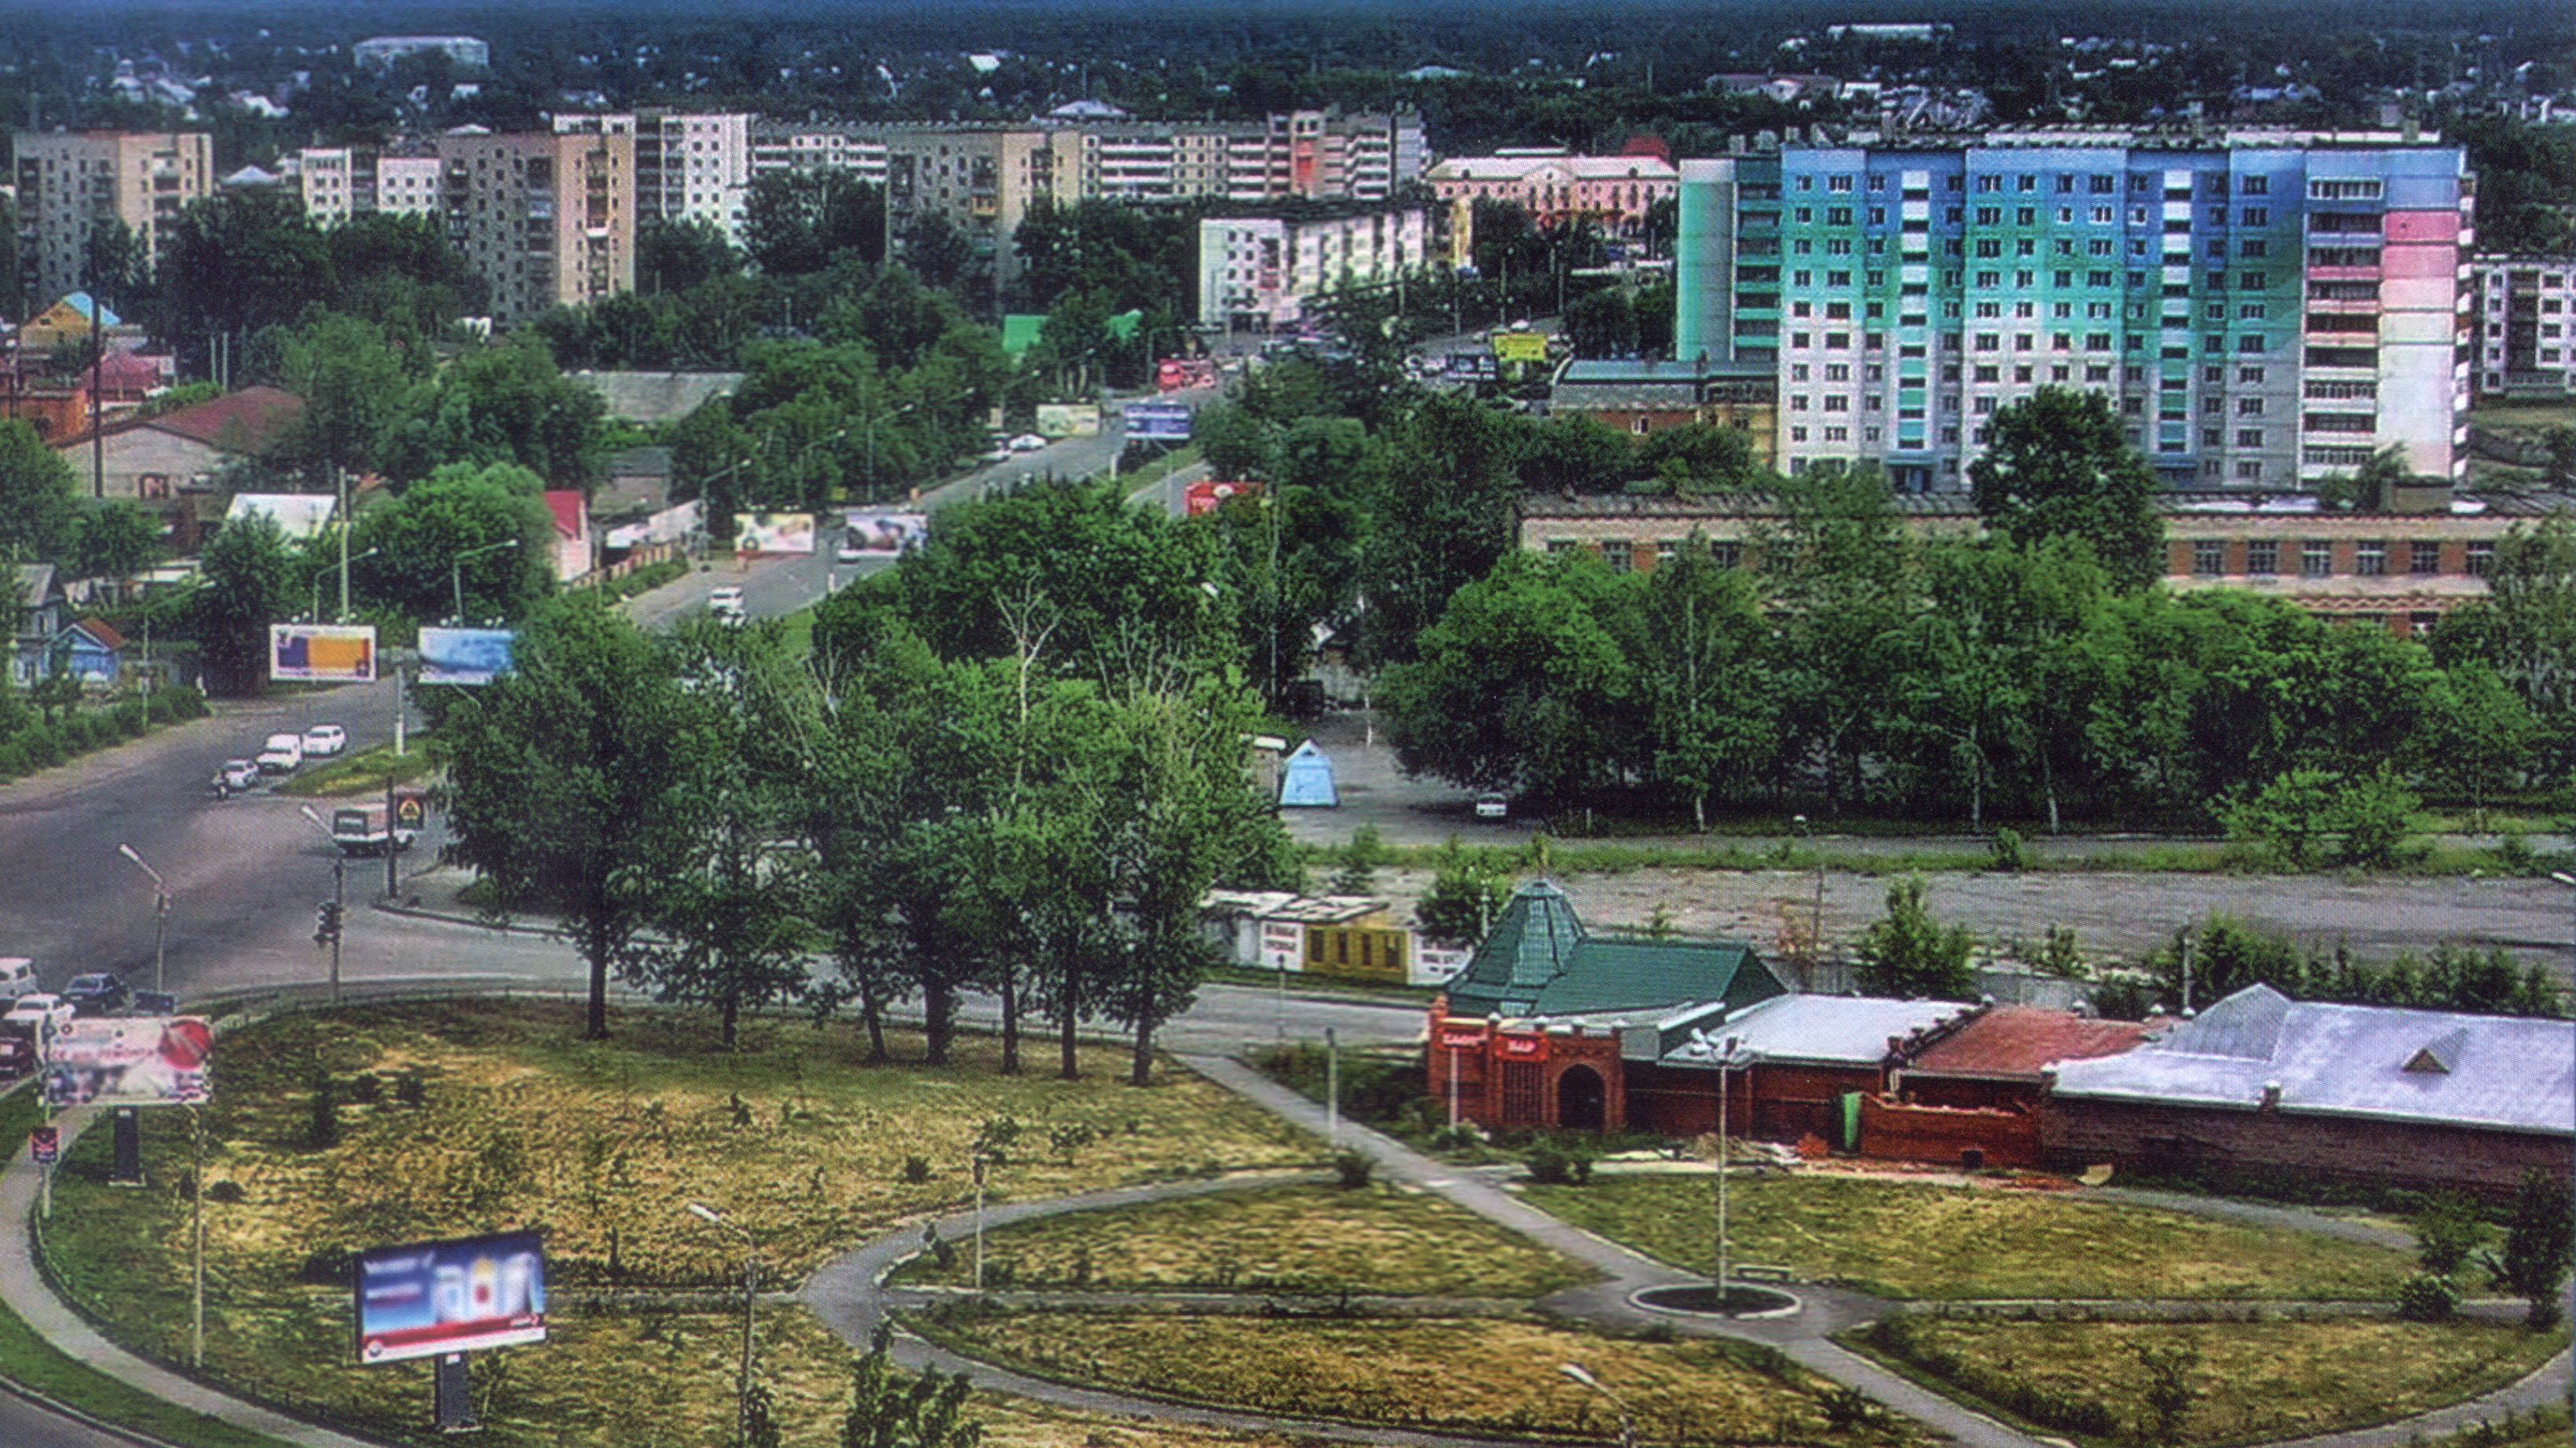 Бийск | Алтай - жемчужина Земли!: altaizhemchuzhina.ru/glavnyie-dostoprimechatelnosti/biysk-zolotyie...